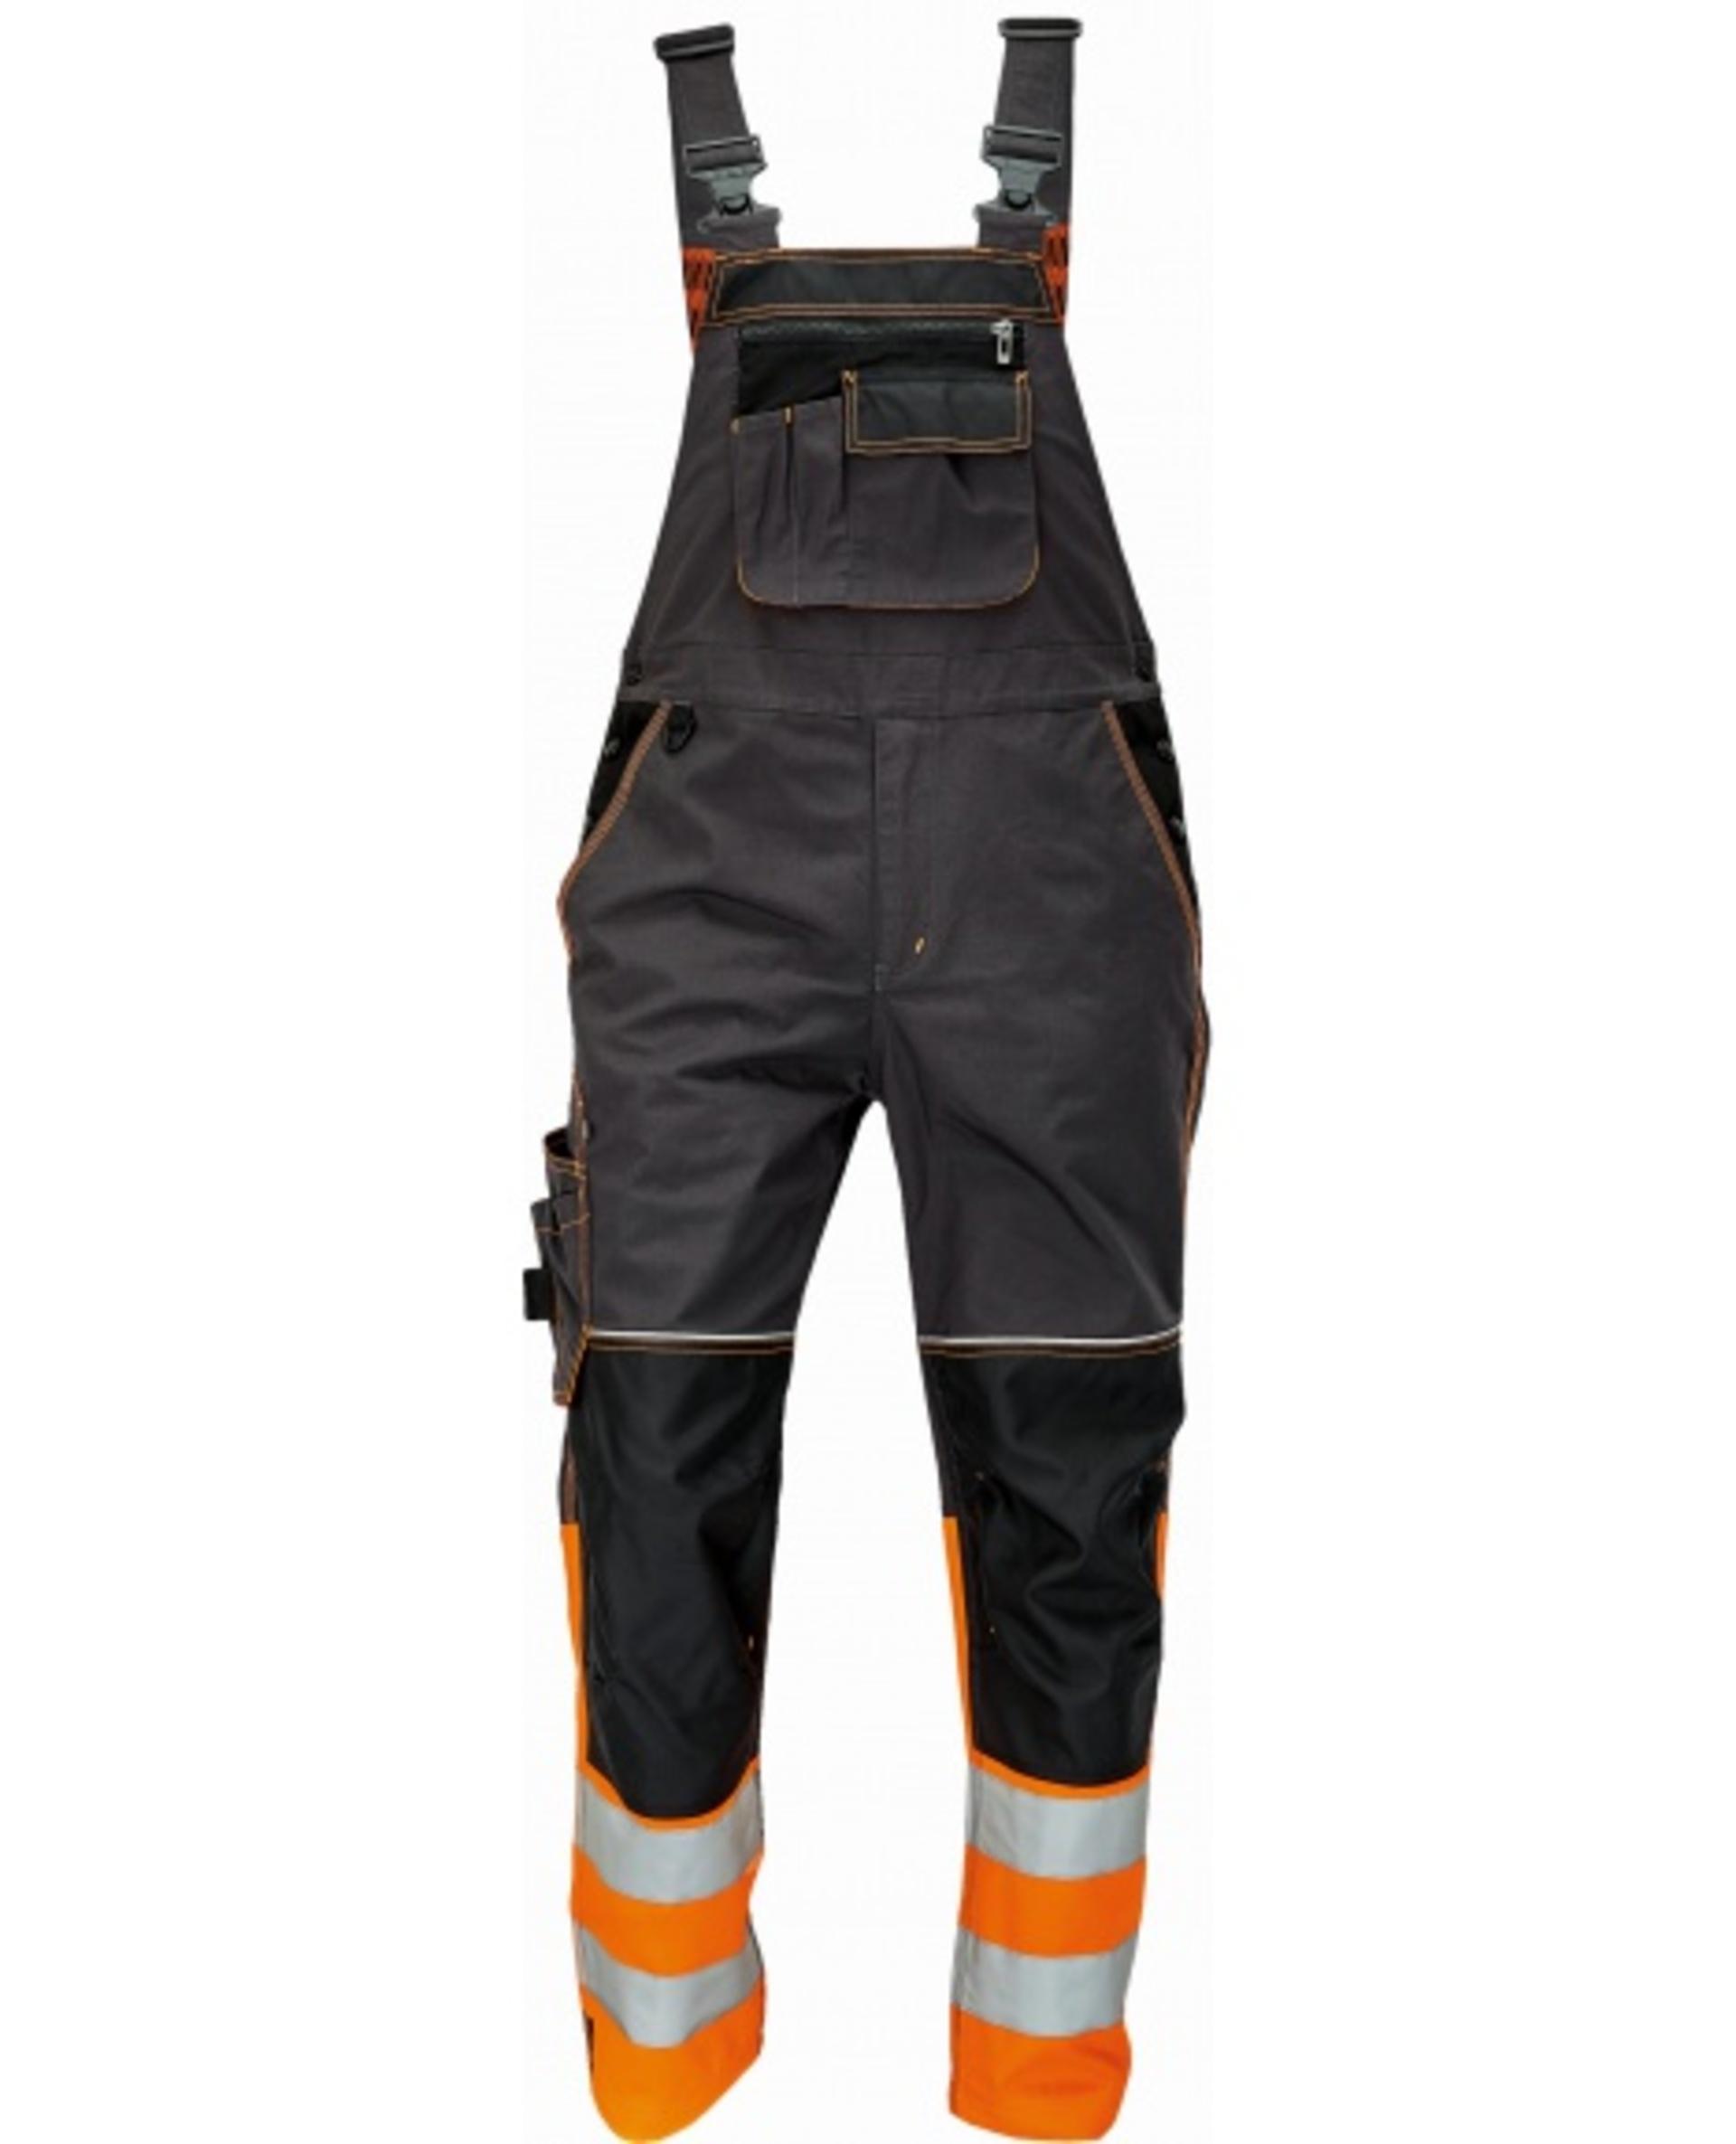 Cerva KNOXFIELD REFLEX Kalhoty pracovní s laclem černá/oranžová 58